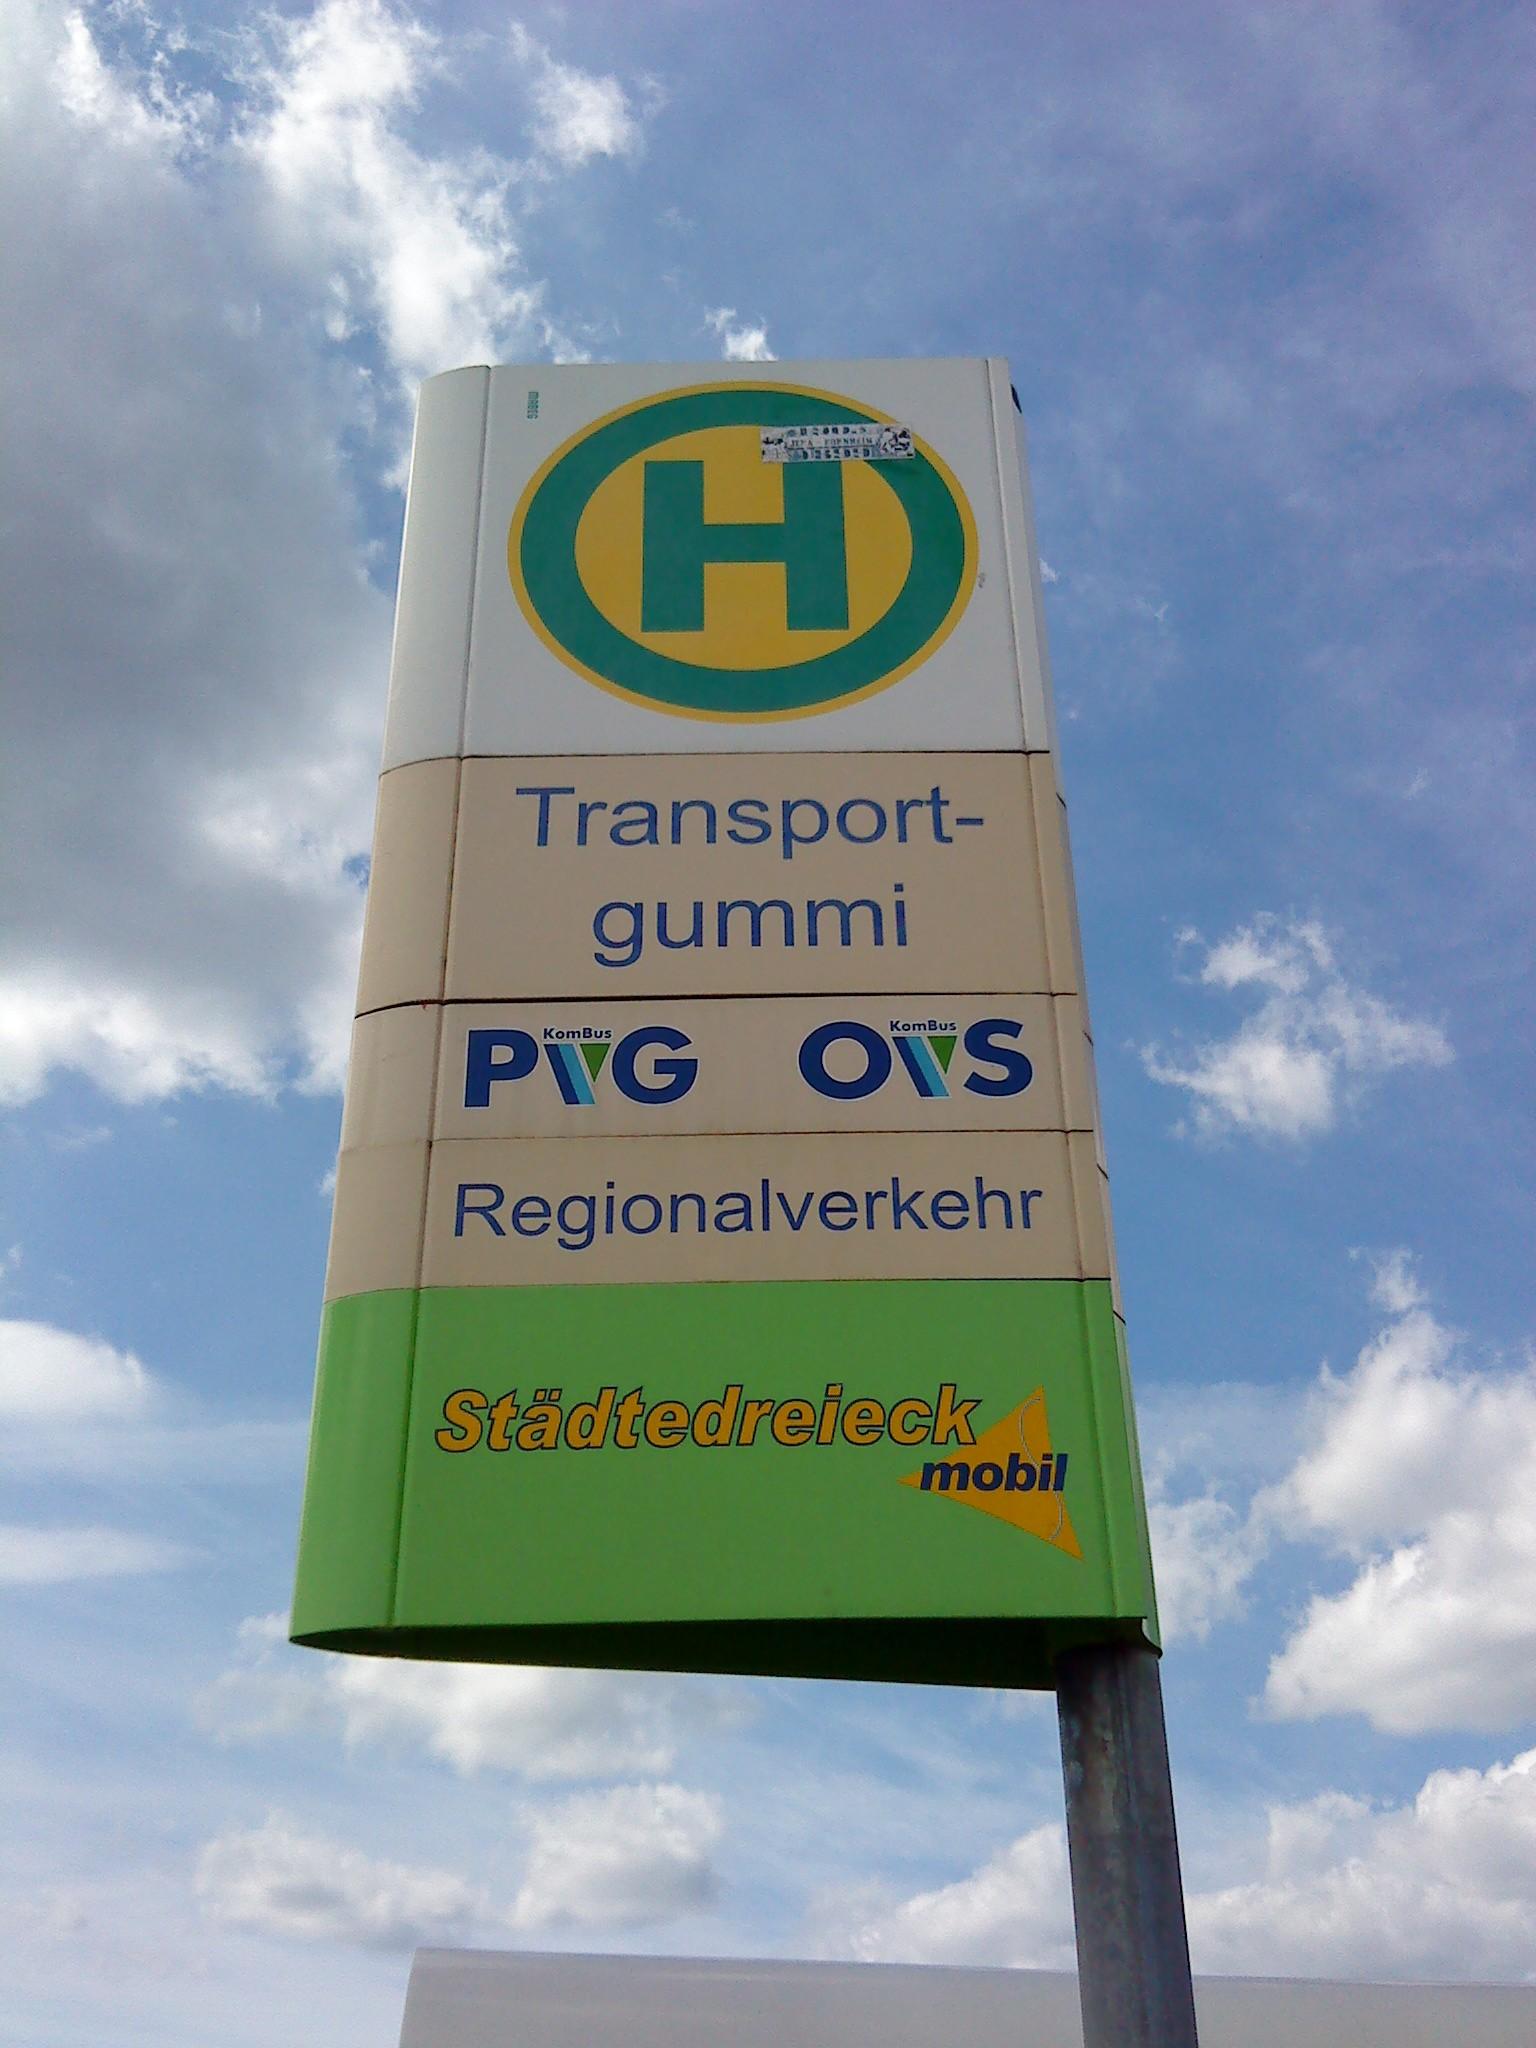 (Regional-)Verkehr nur mit Verhüterli